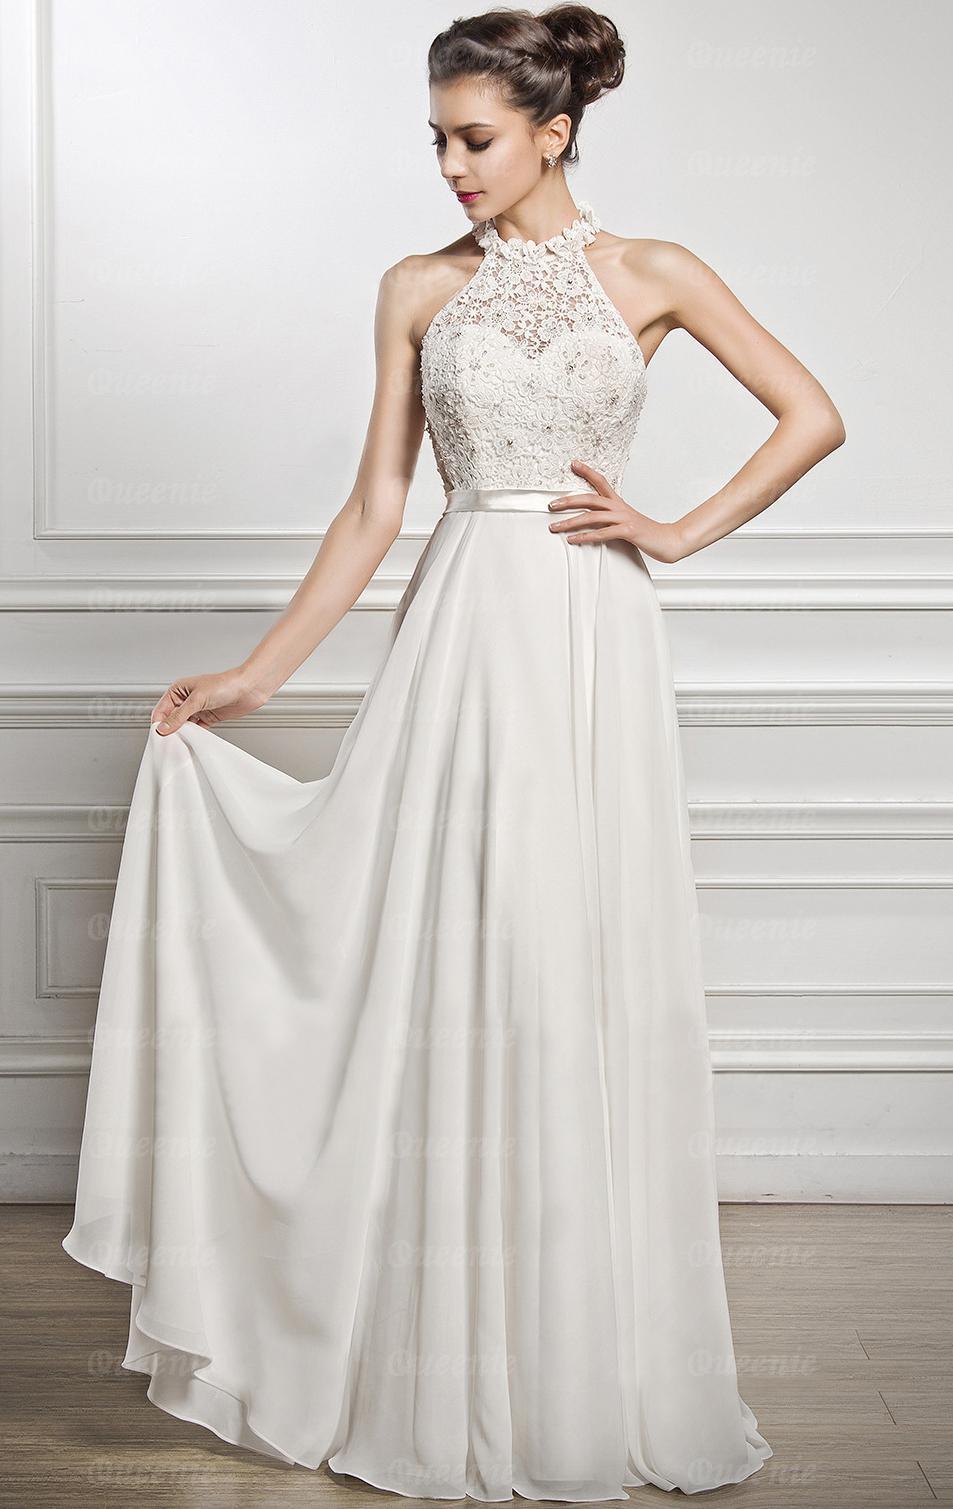 10 Fantastisch Abend Kleider Weis Stylish17 Luxus Abend Kleider Weis Design